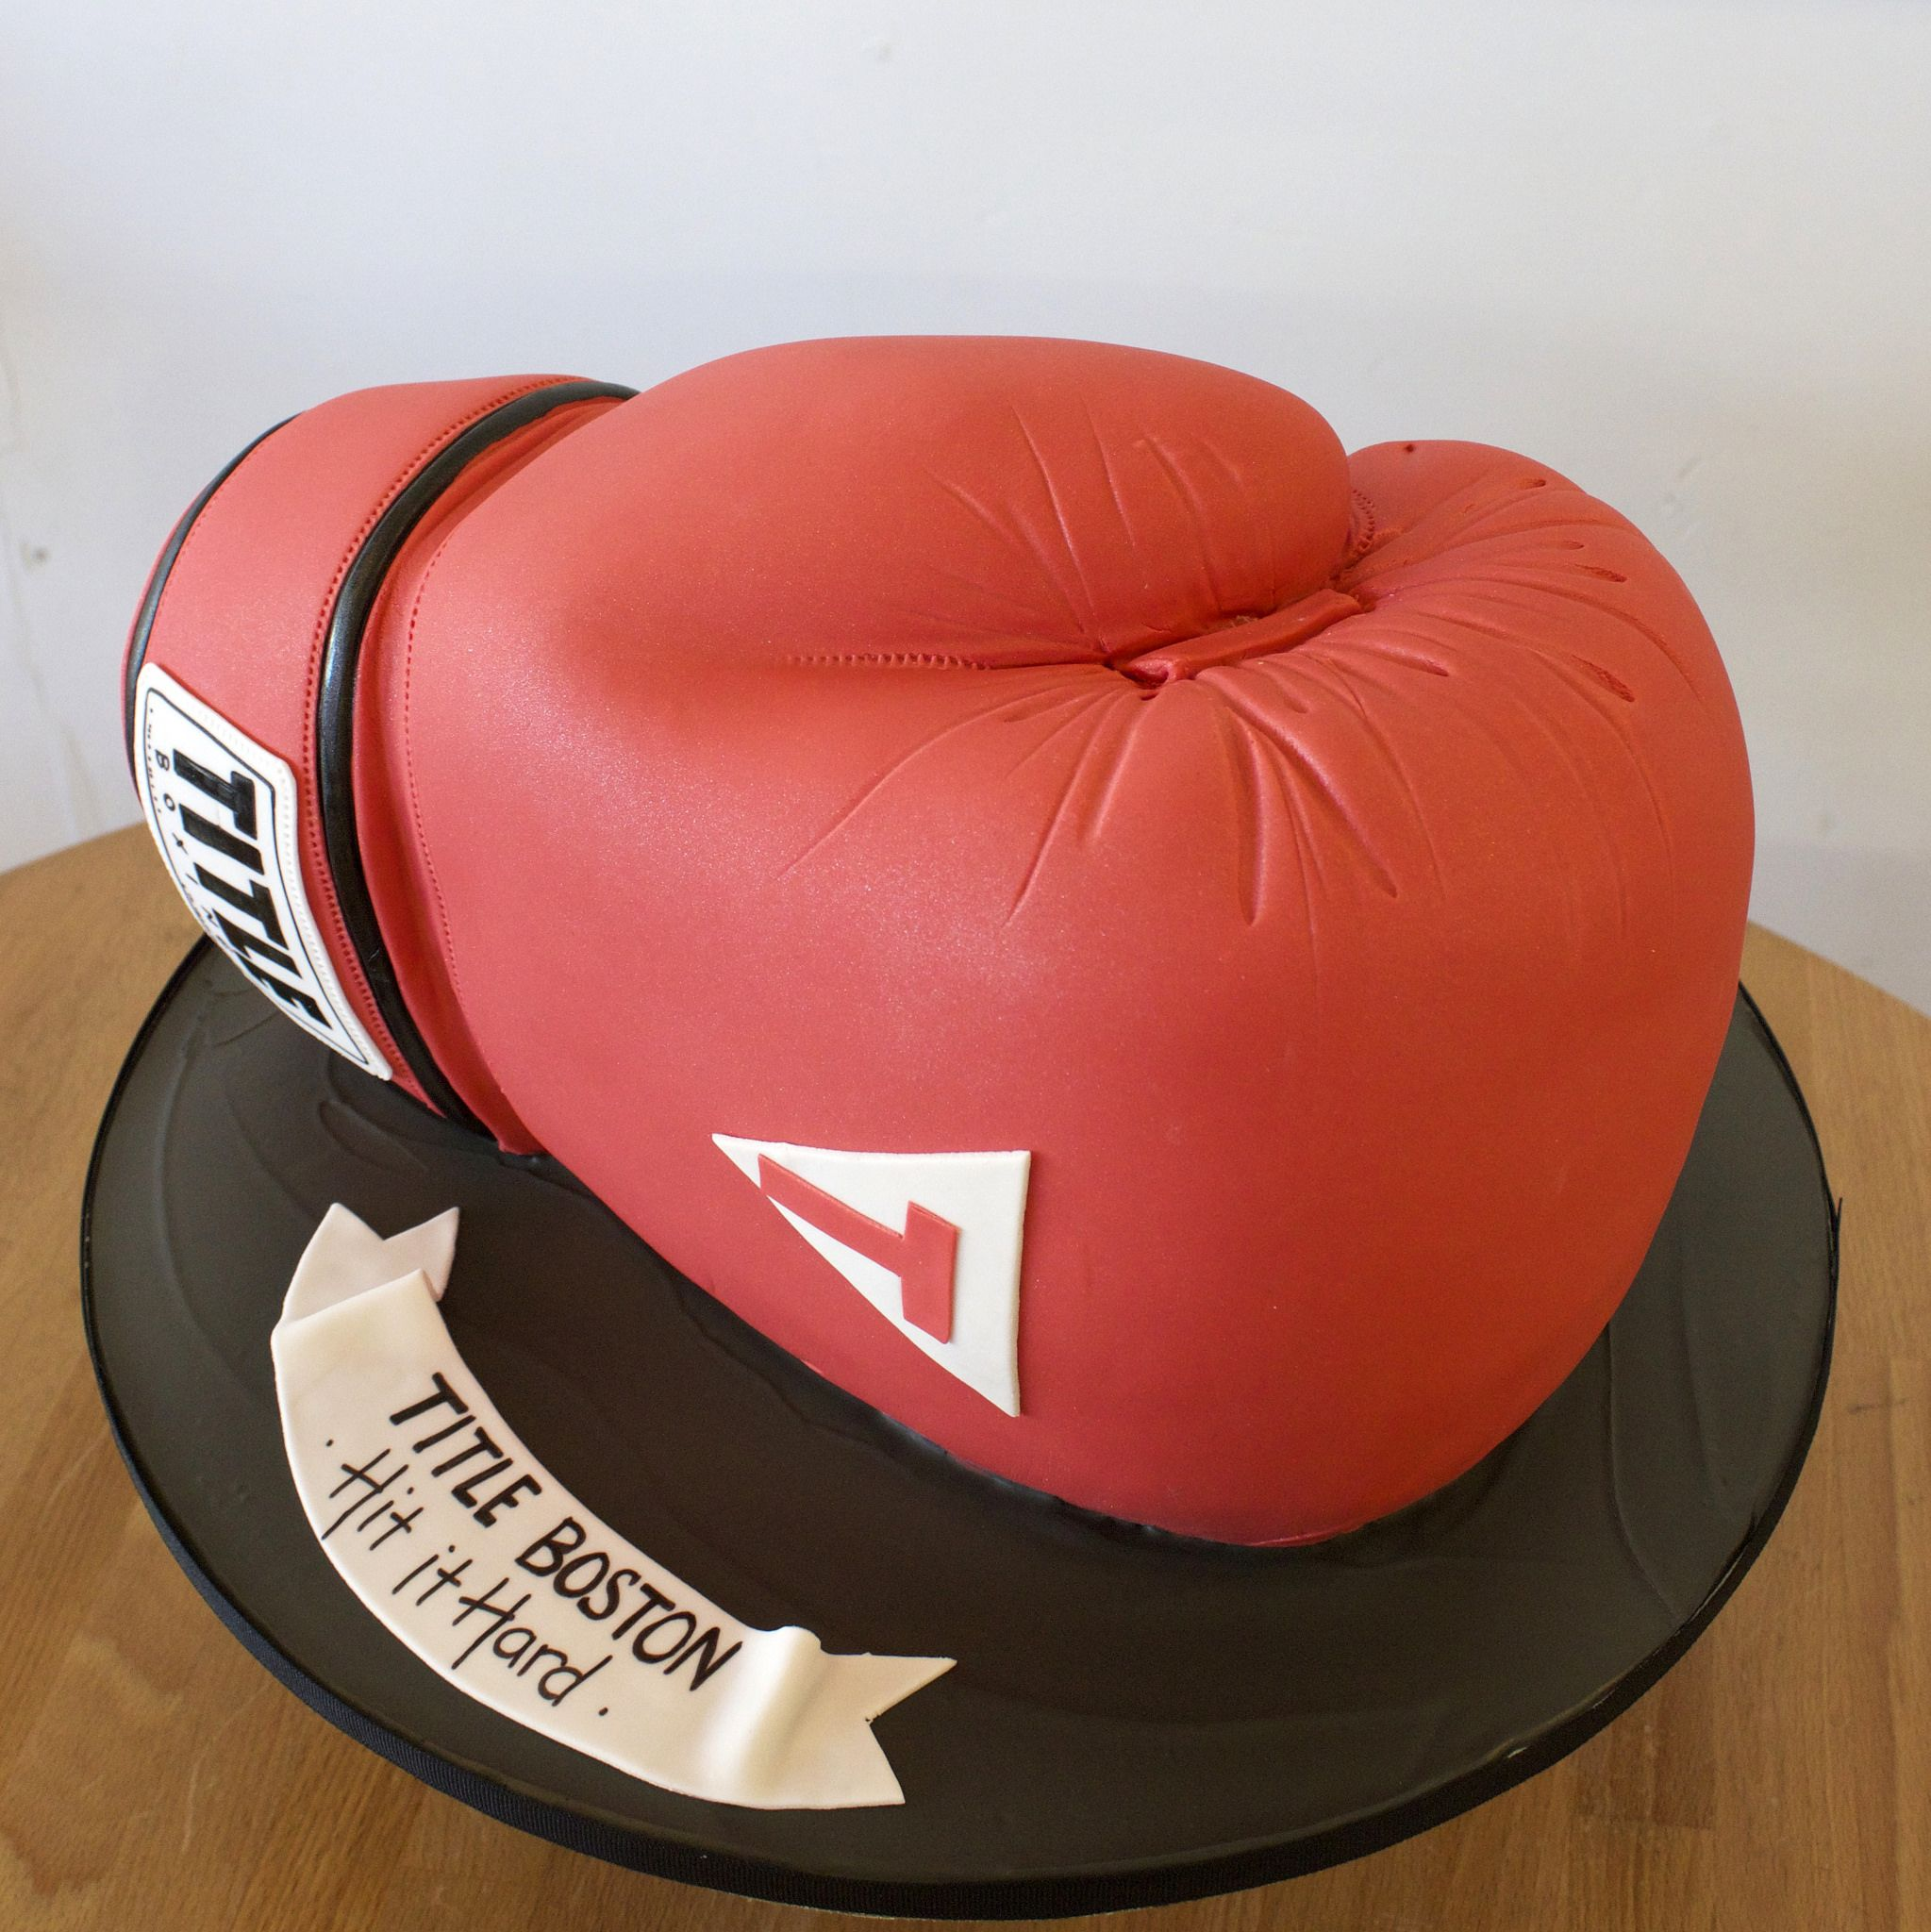 торт на тему бокс фото друзей прими, милашка